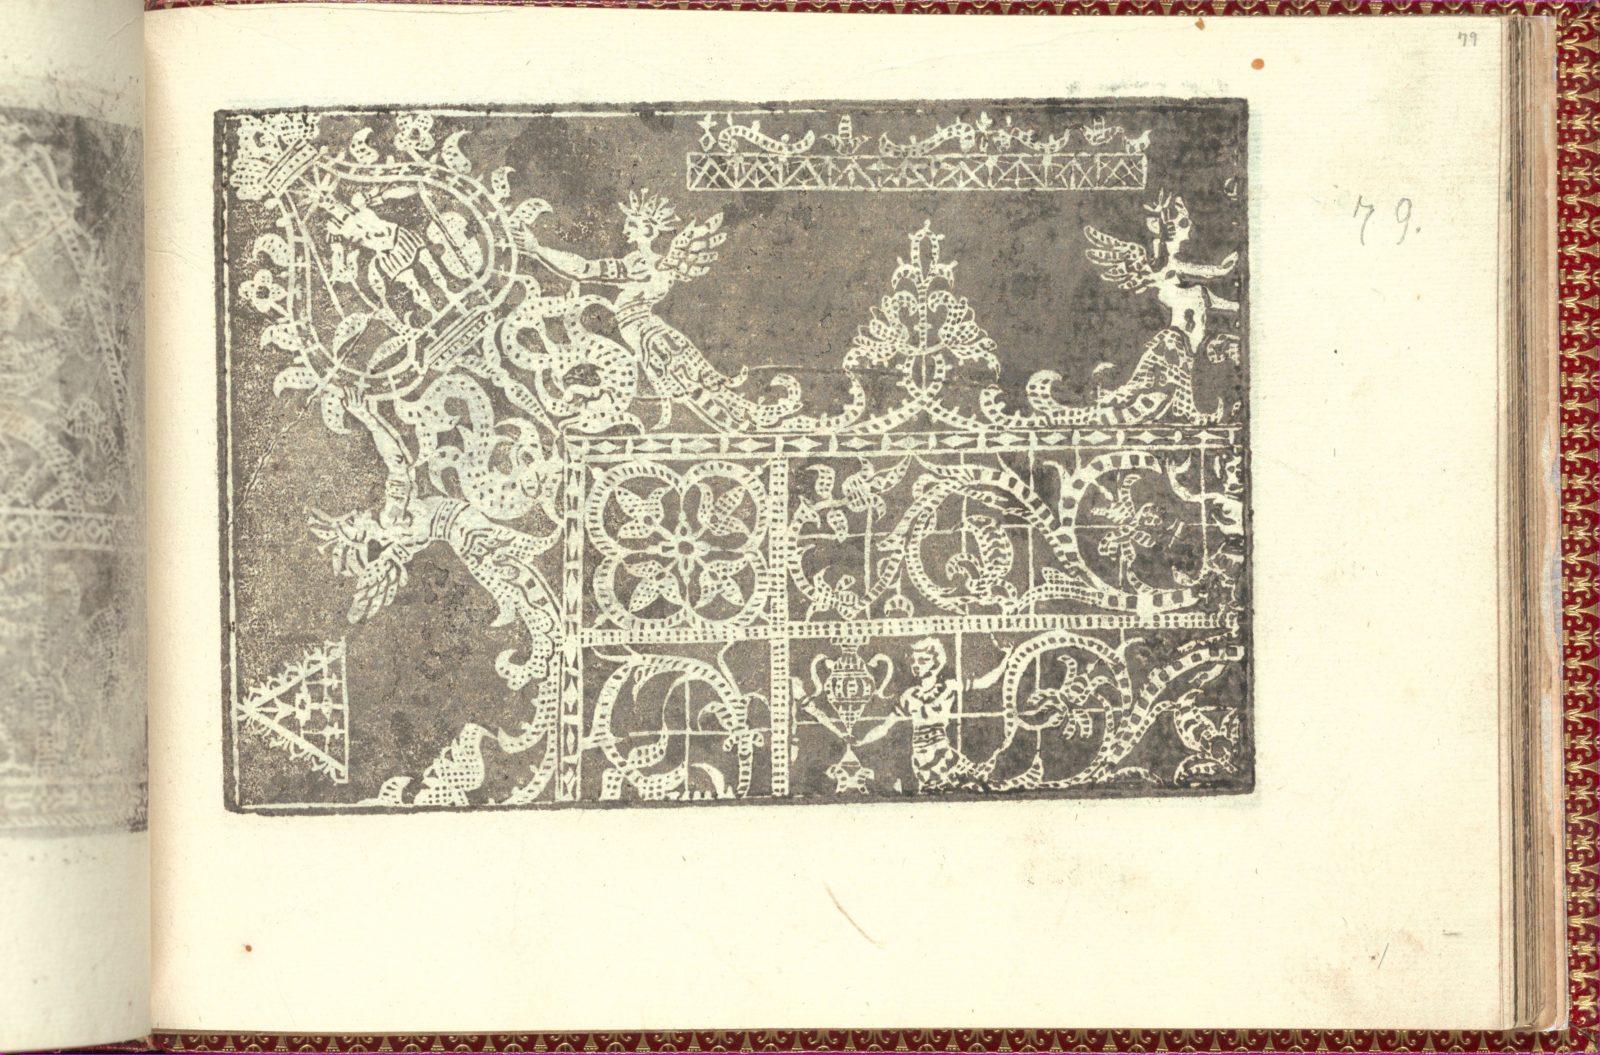 Corona delle Nobili et Virtuose Donne: Libro I-IV, page 79 (recto)